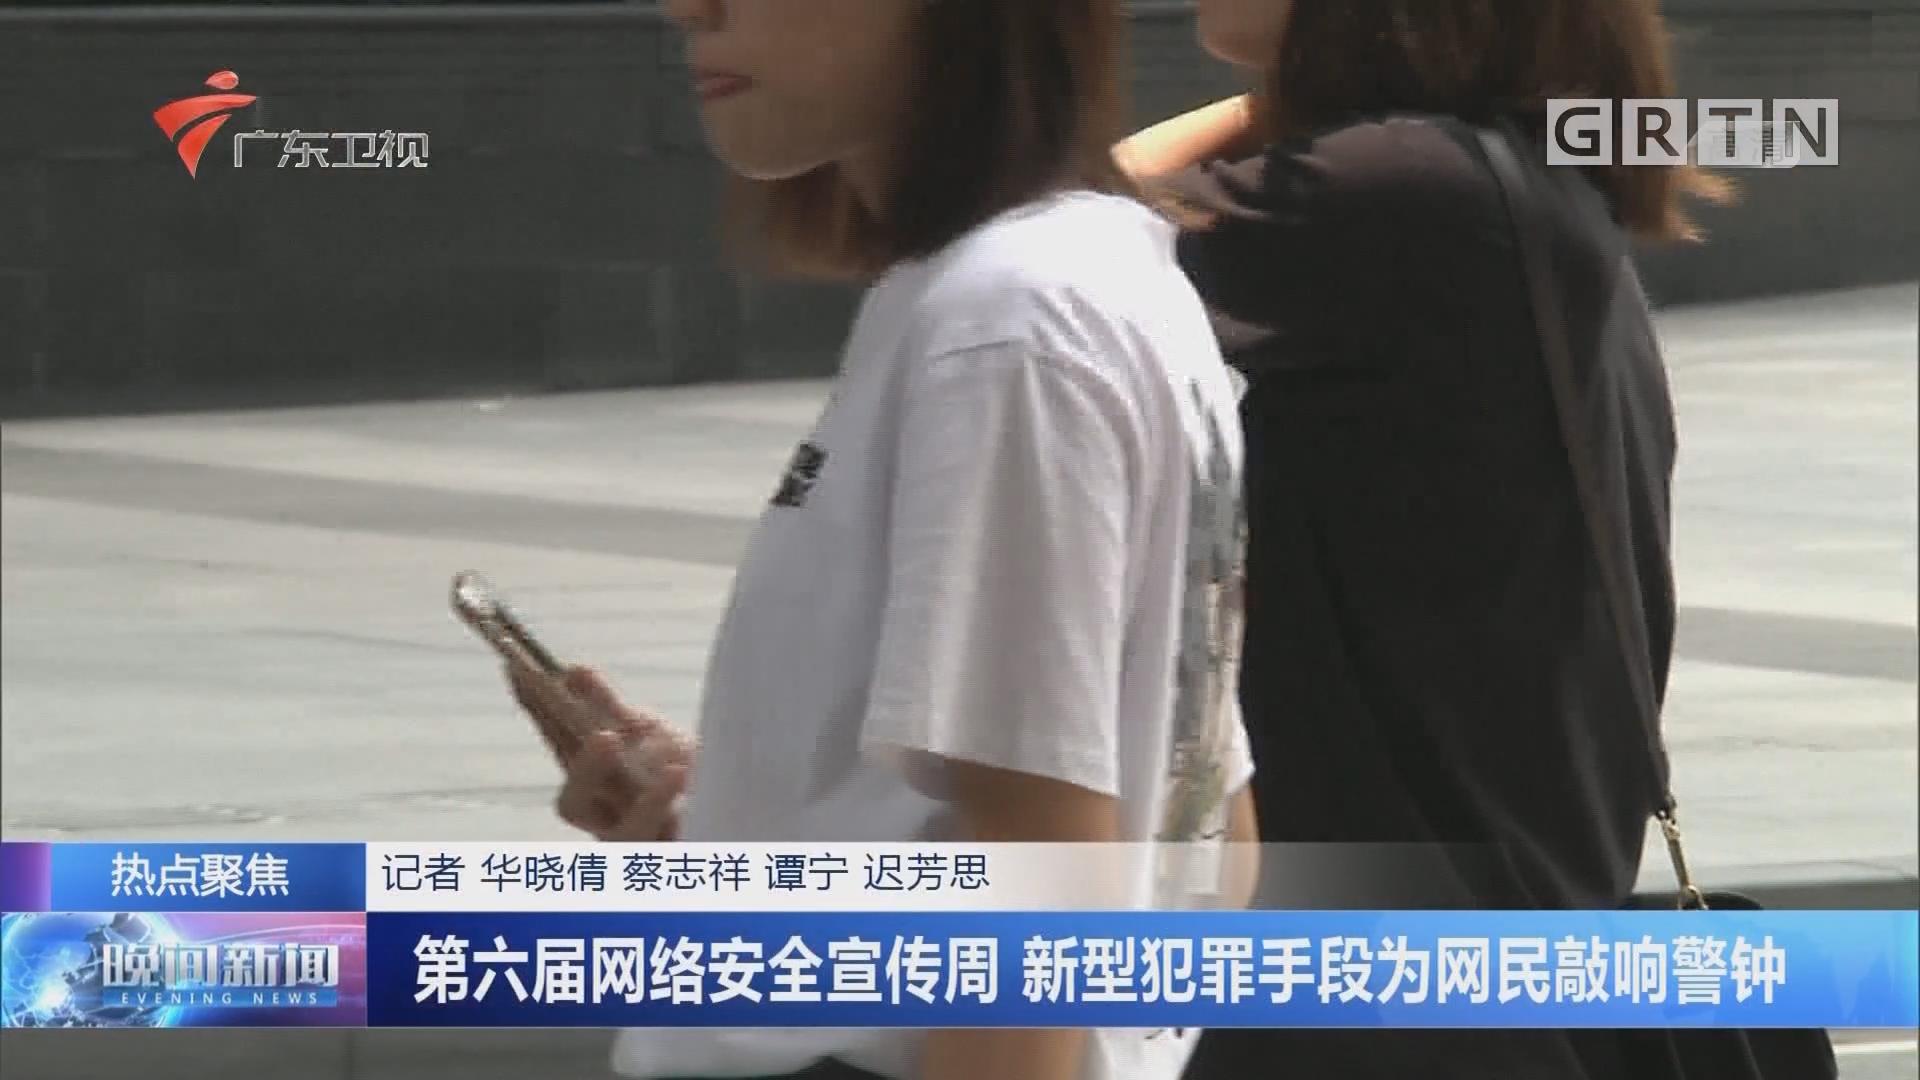 第六届网络安全宣传周 新型犯罪手段为网民敲响警钟